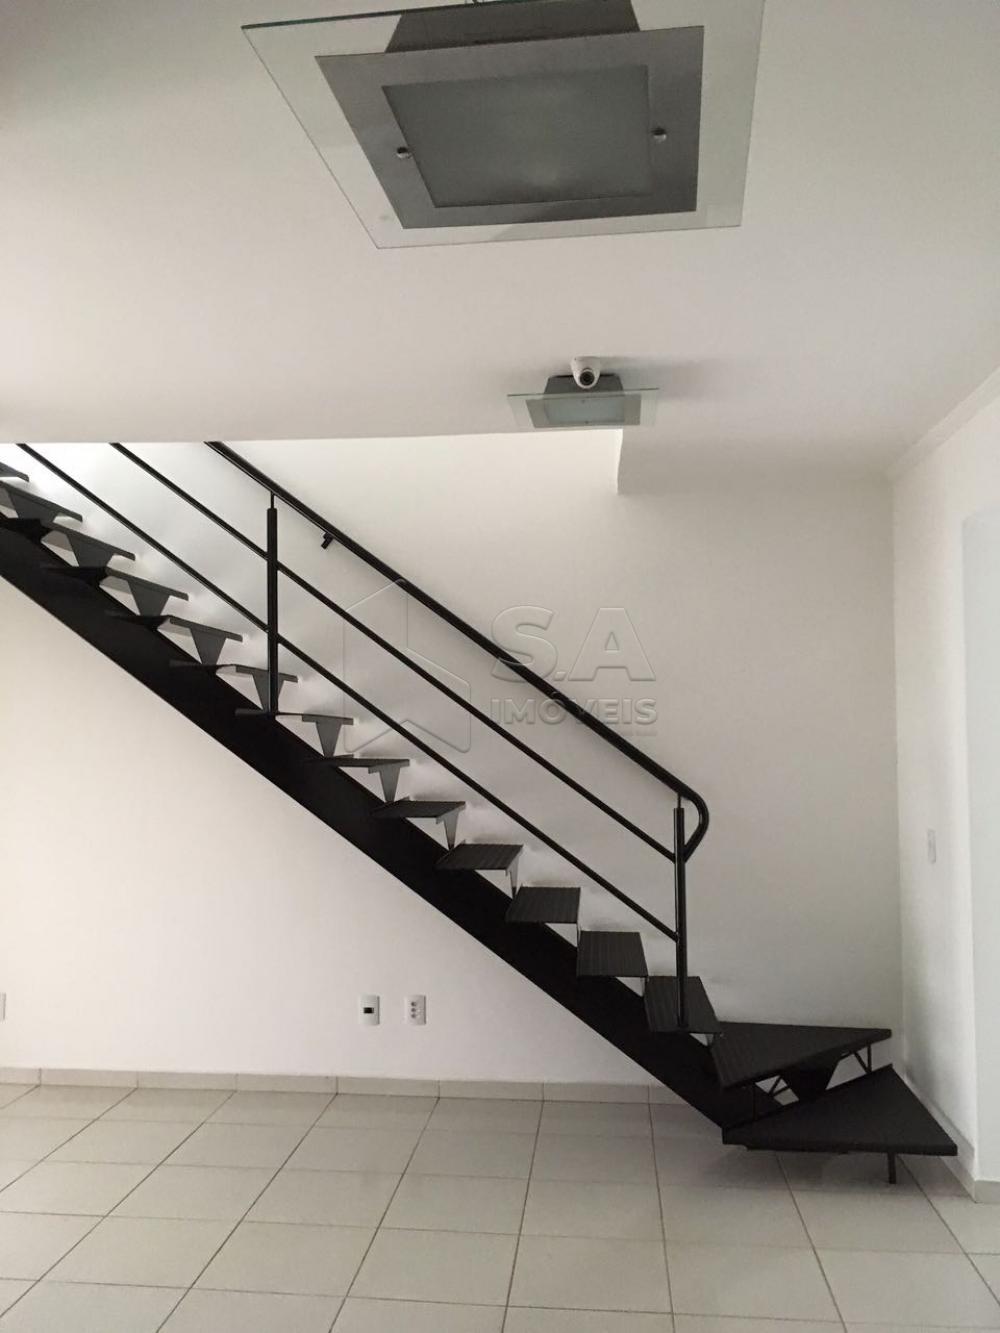 Comprar Apartamento / Padrão em Botucatu apenas R$ 700.000,00 - Foto 17